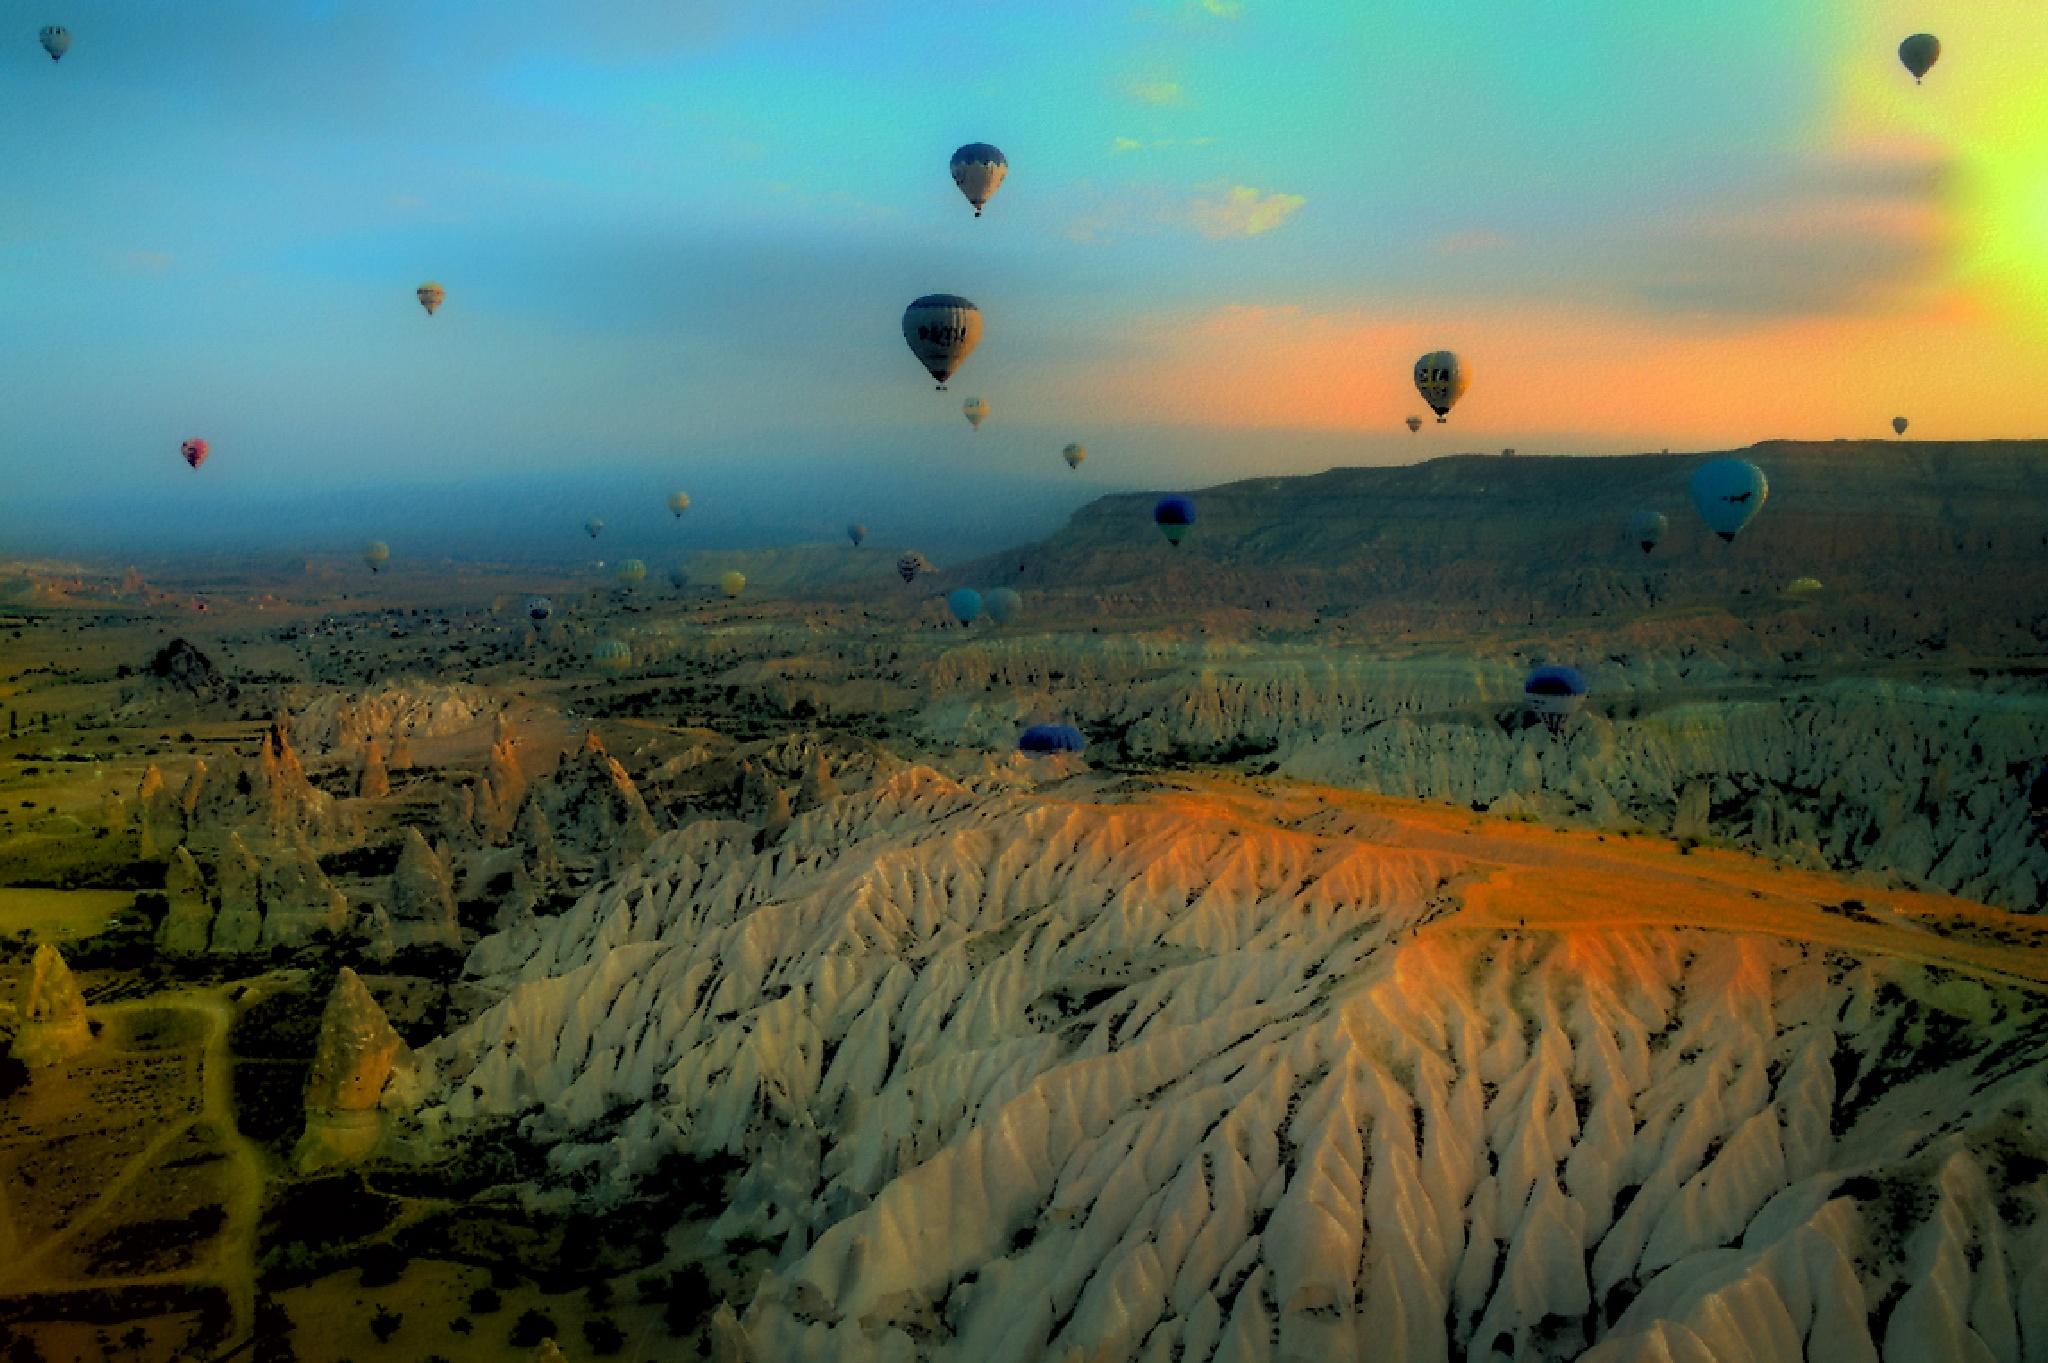 Kapadocja widziana z balonu.... by zbych41